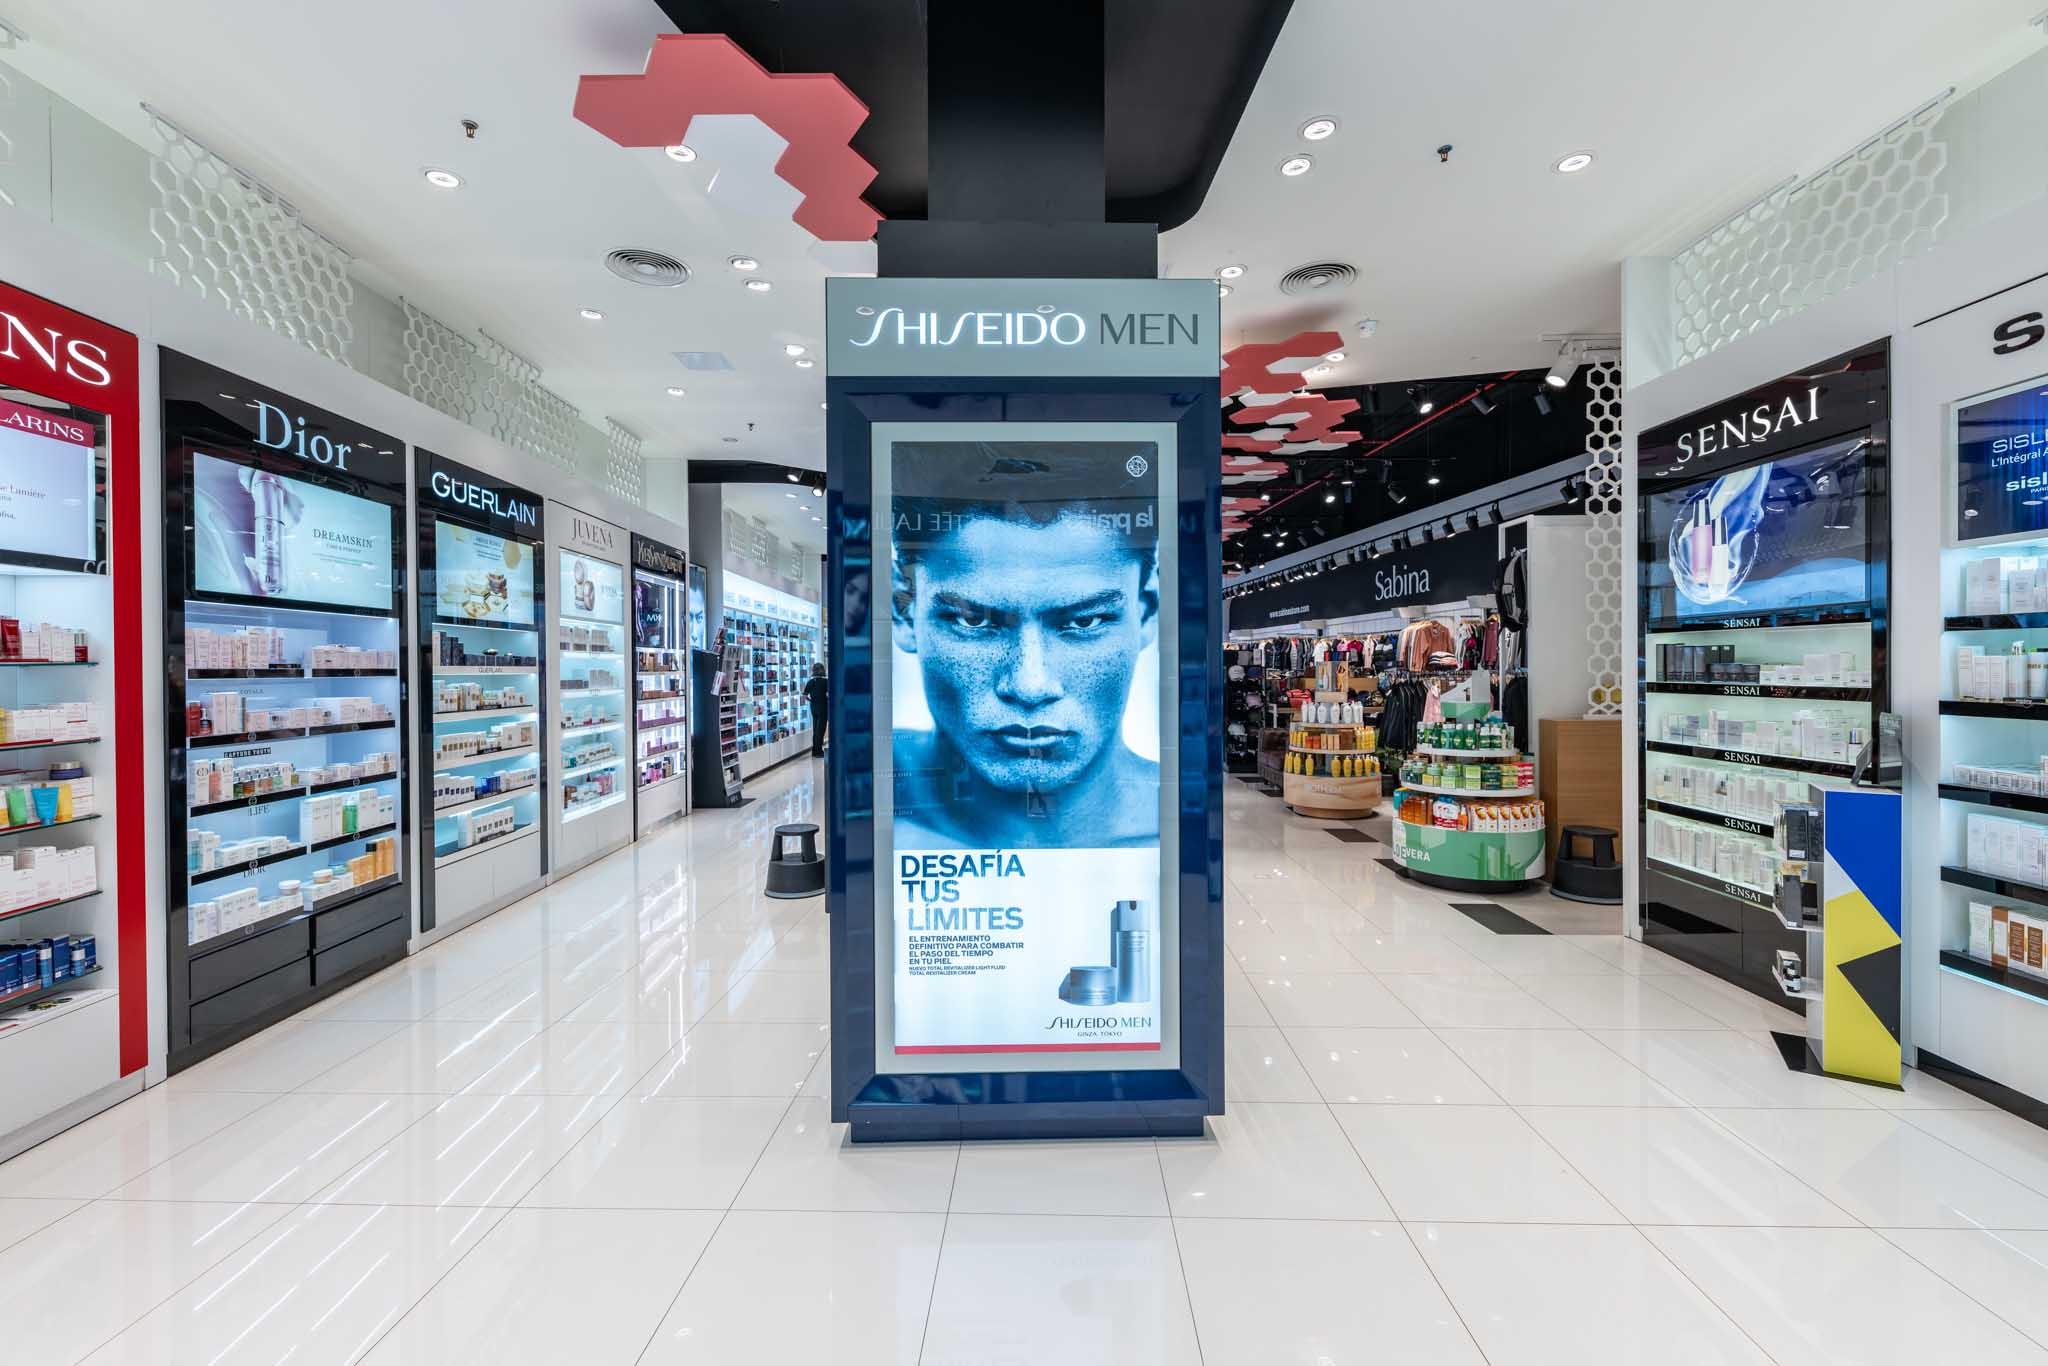 Columna Shiseido. Sensai instalación. Instalación izquierda Clarins, Dior, Guerlain